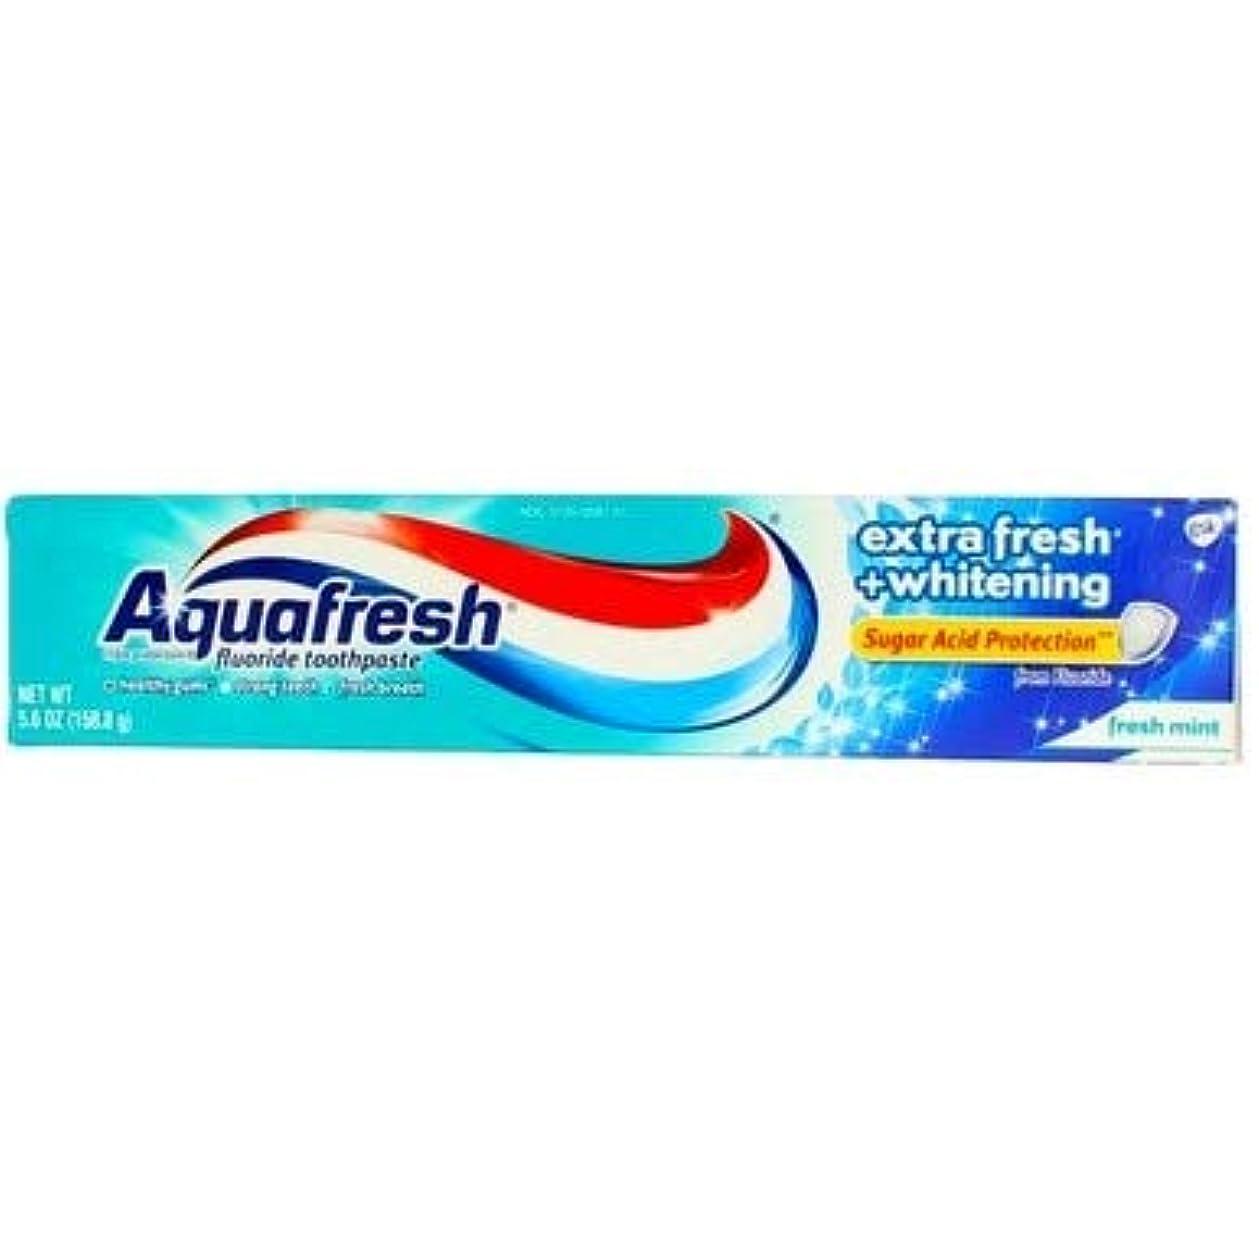 国内の手がかりバケットAqua Fresh アクアフレッシュフッ化物歯磨き粉のエクストラフレッシュホワイトニング - 5.6オンス、2のパック